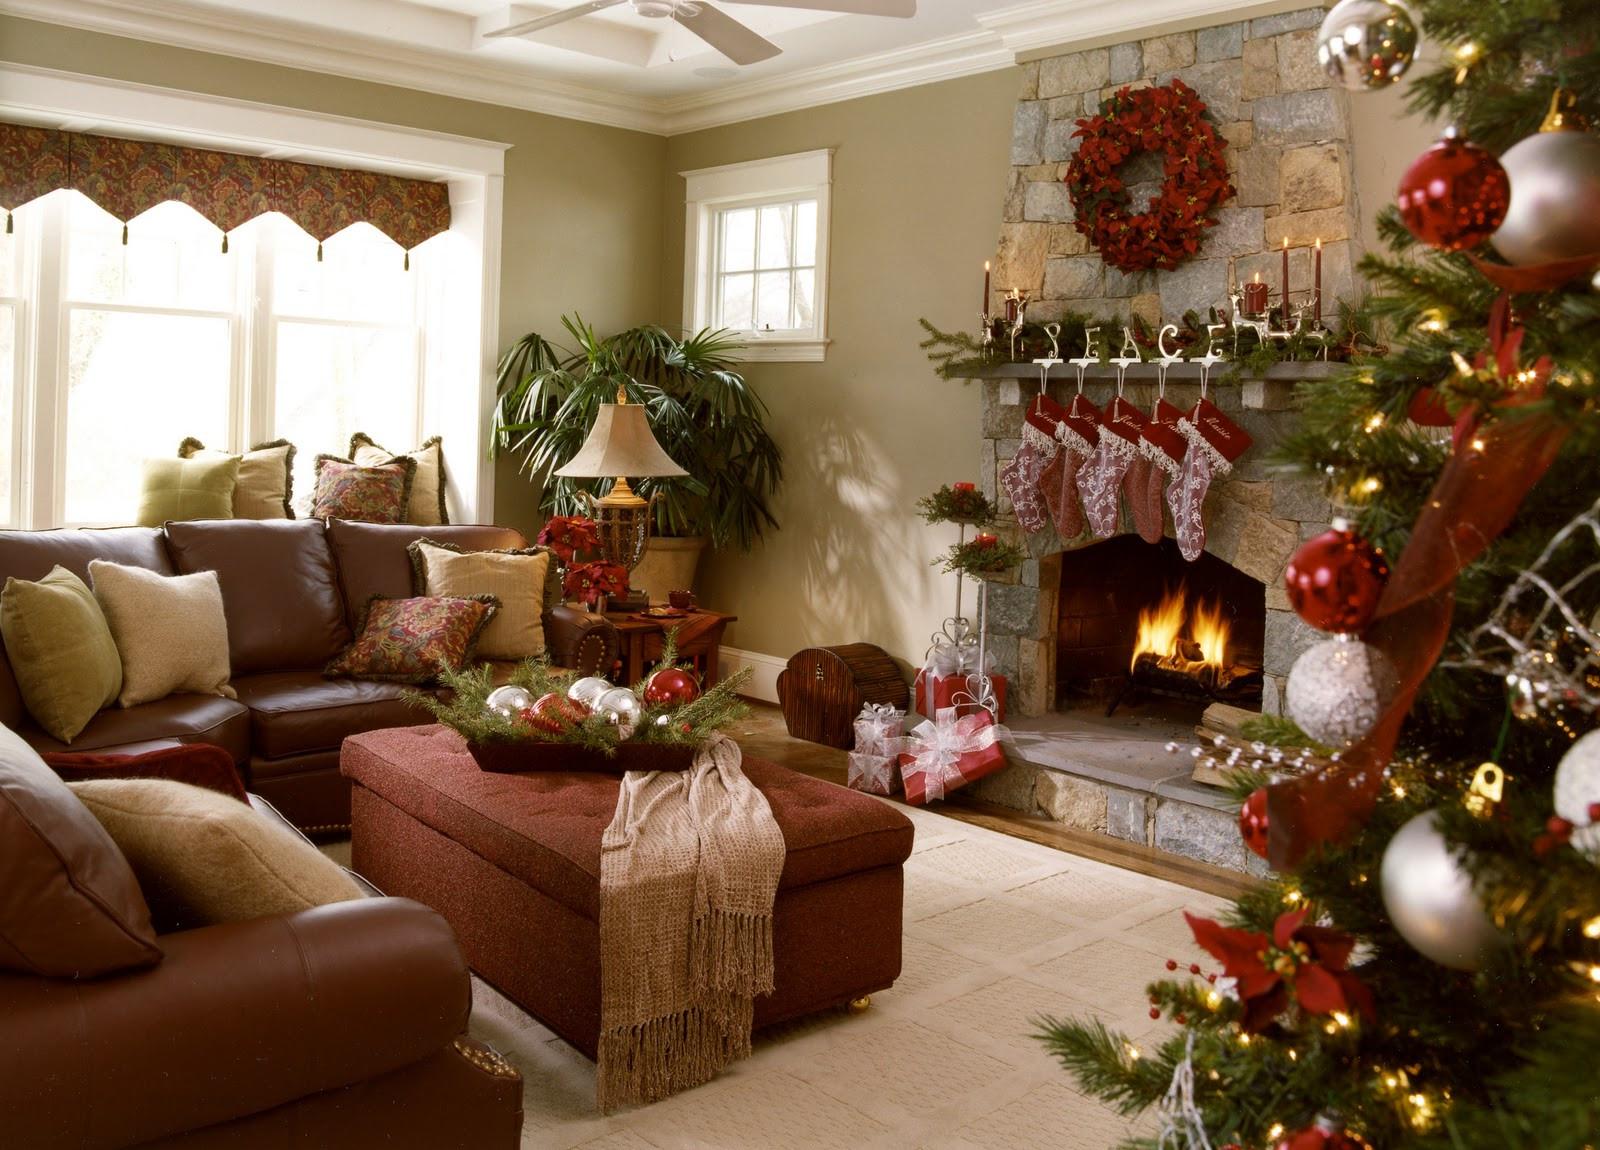 Christmas Decor For Living Room  Nine ideas how to wel e the Christmas spirit